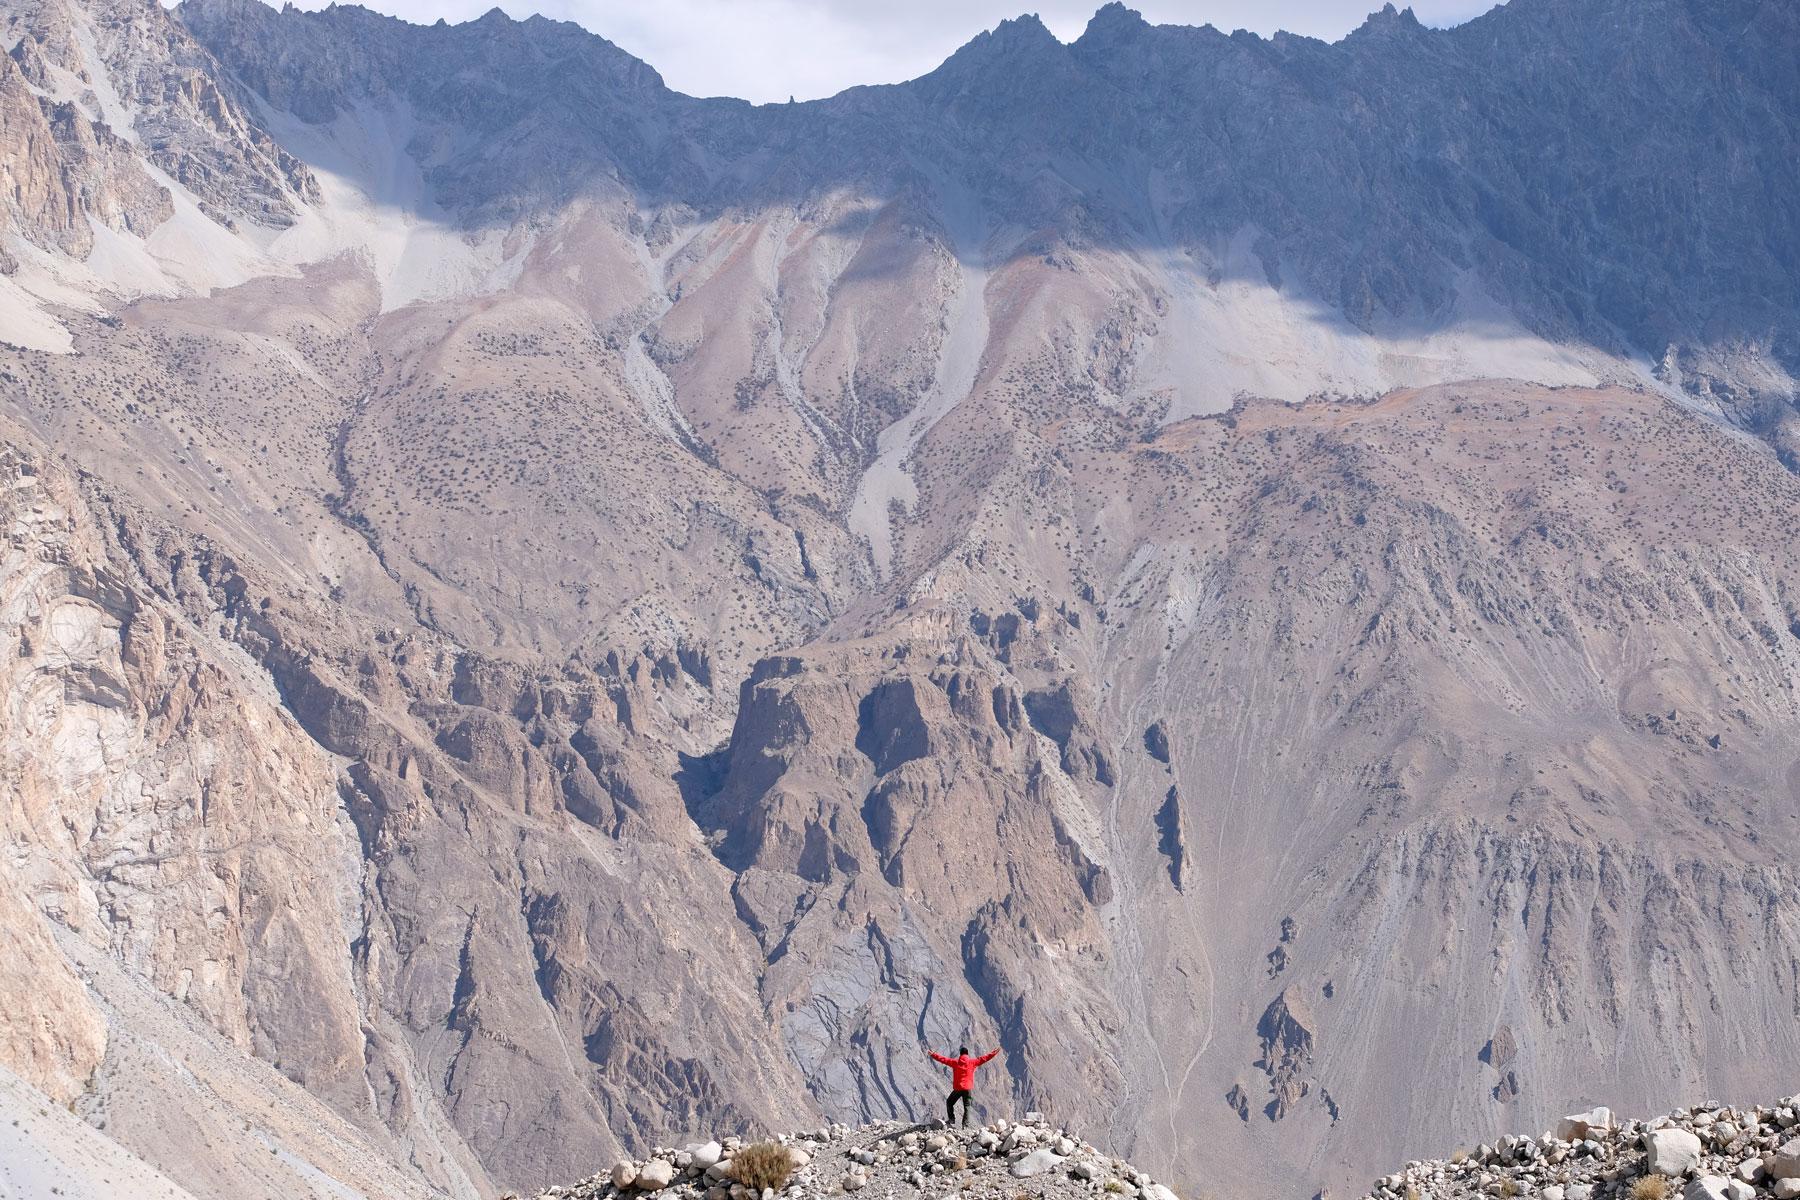 Sebastian vor einem riesigen Berg.